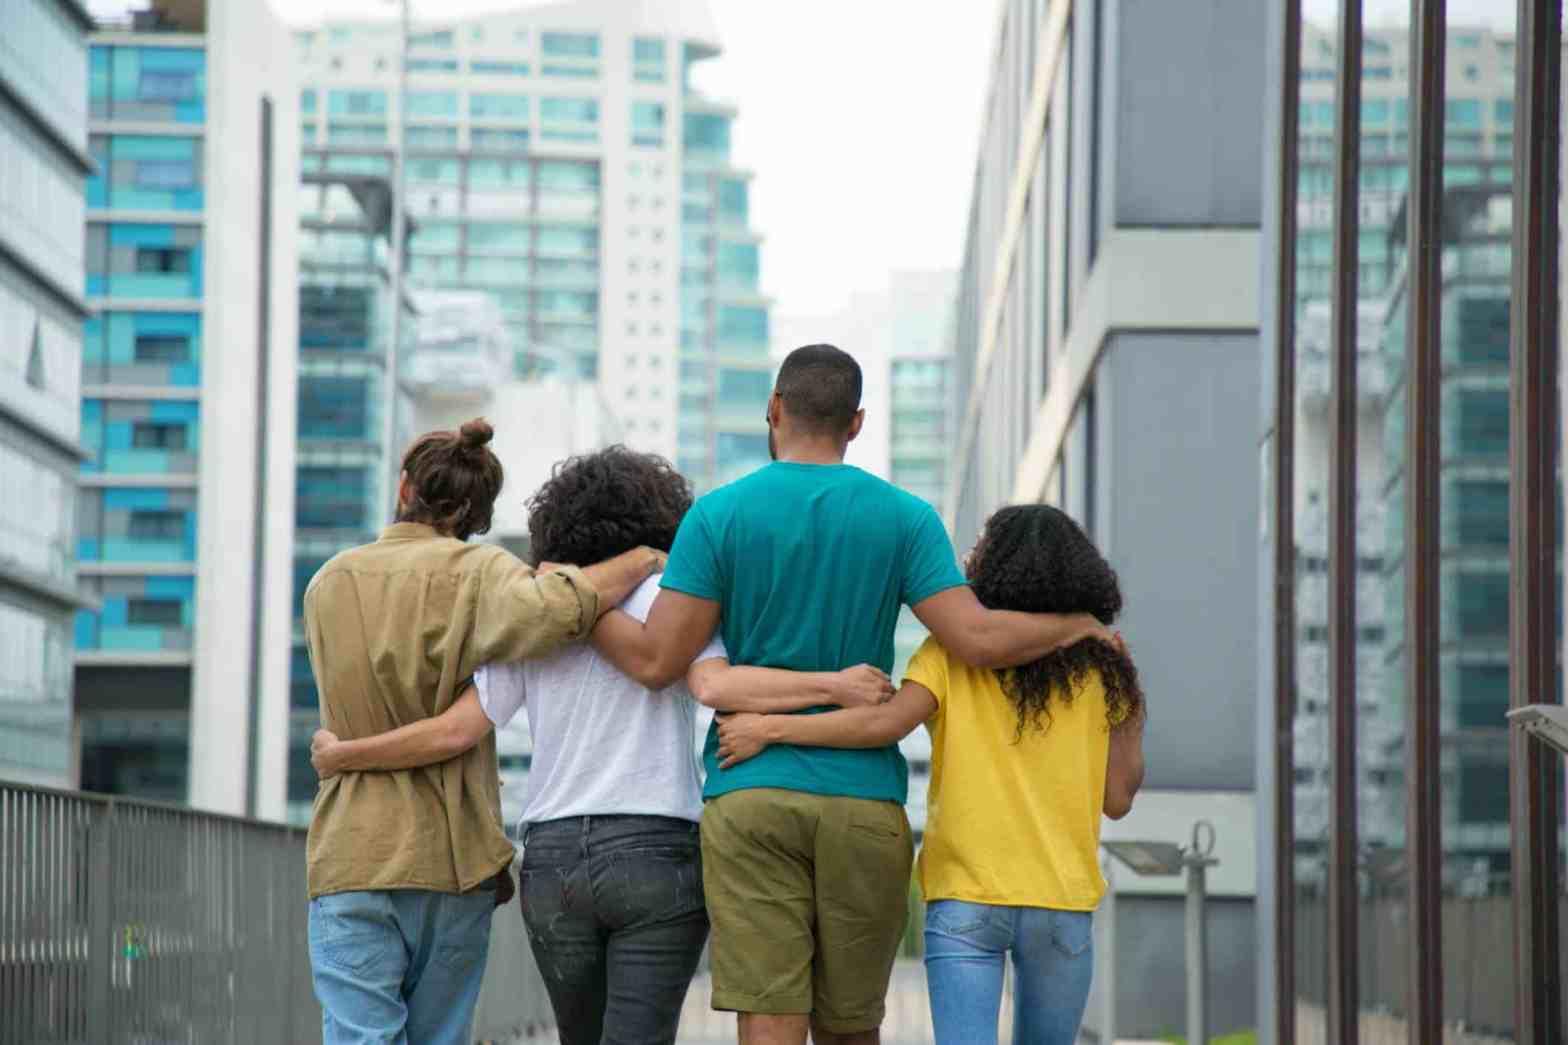 polyamour rencontre amoureuse couple trio hommes femme marche ensemble ville